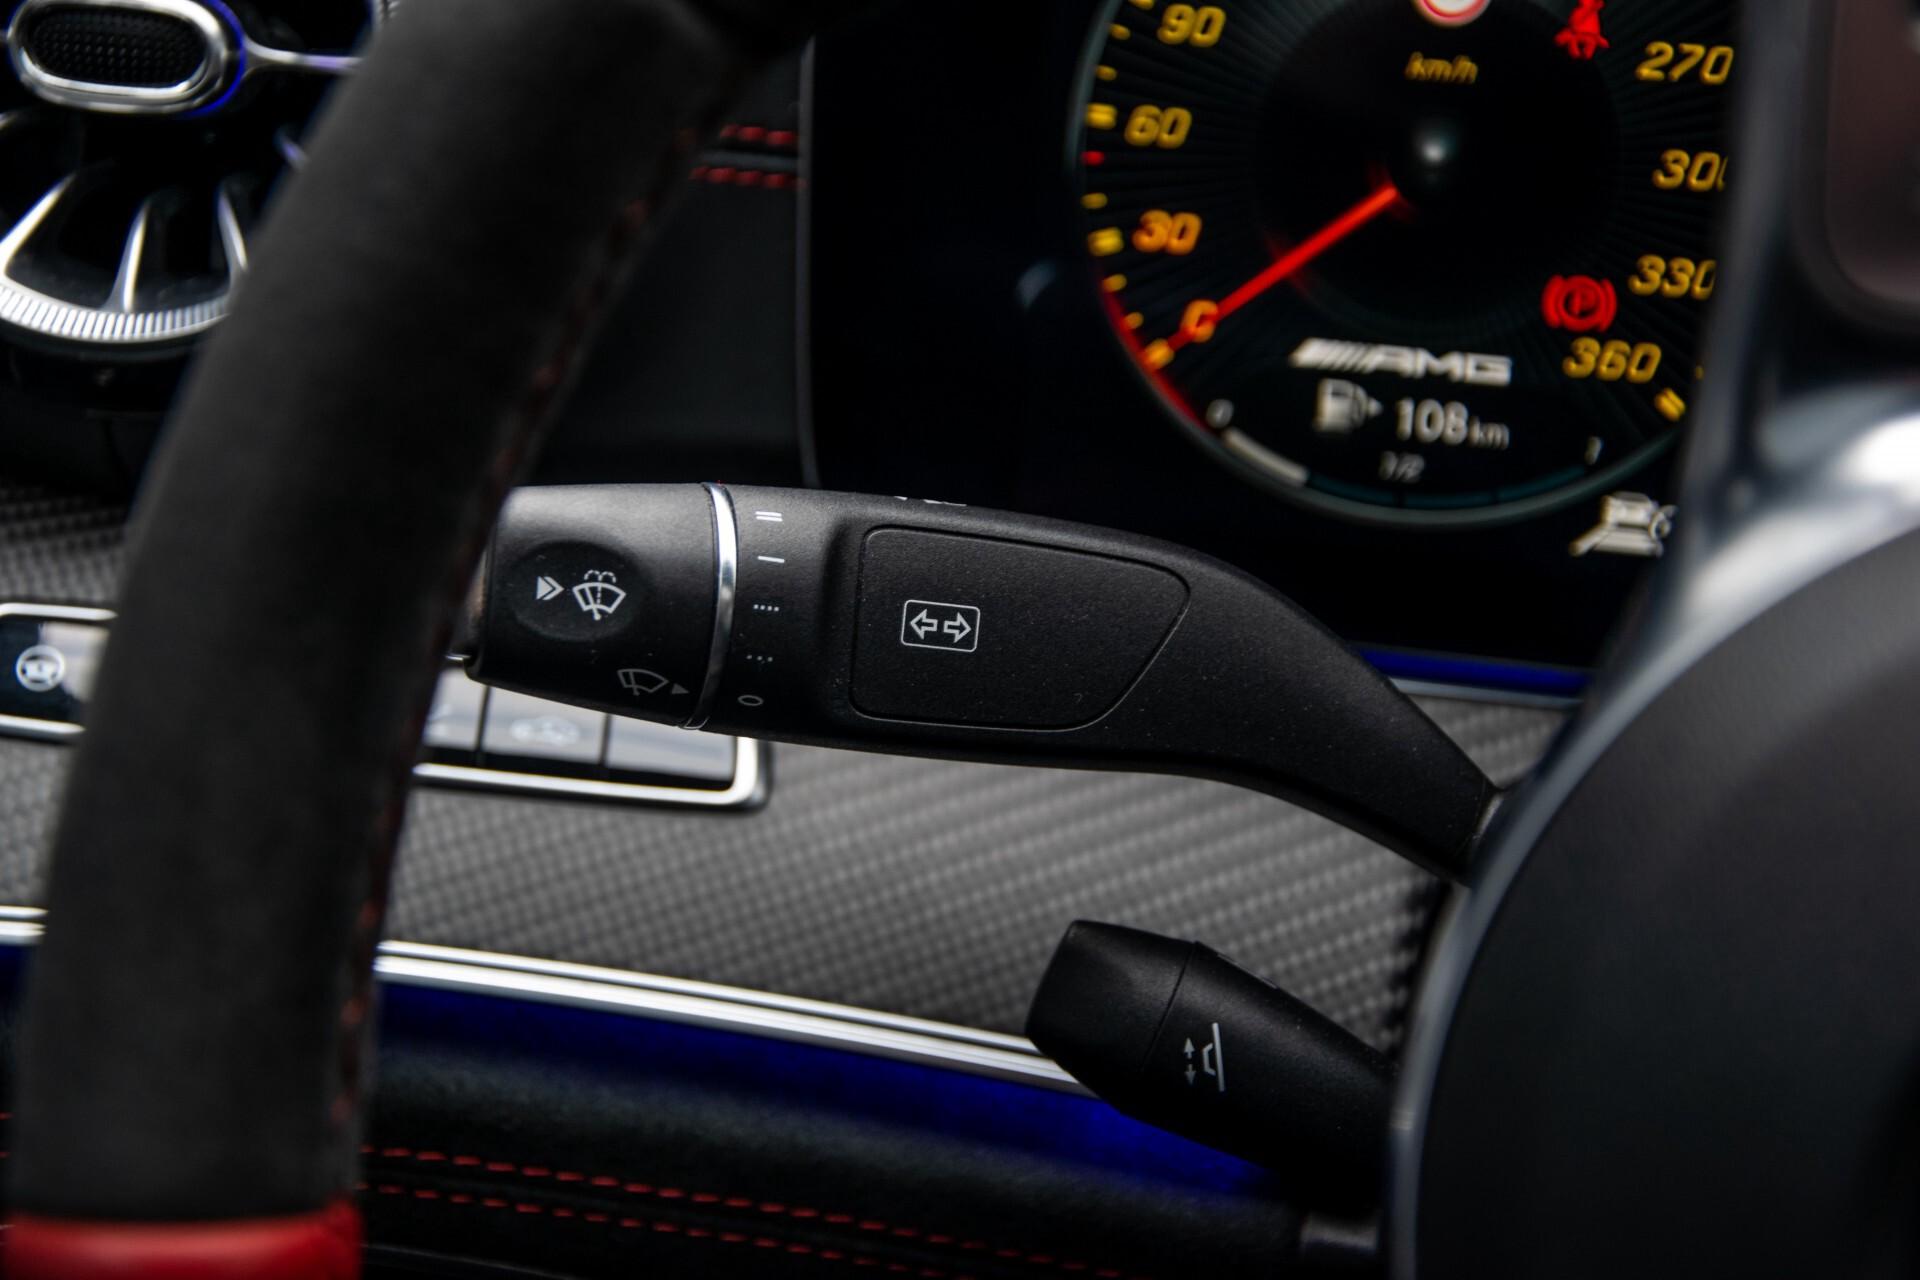 Mercedes-Benz AMG GT 4-Door Coupe 63 S 4M+ Keramisch/Full Carbon/Aerodynamica/Burmester 3D/TV/Performance stoelen/Standkachel Aut9 Foto 10